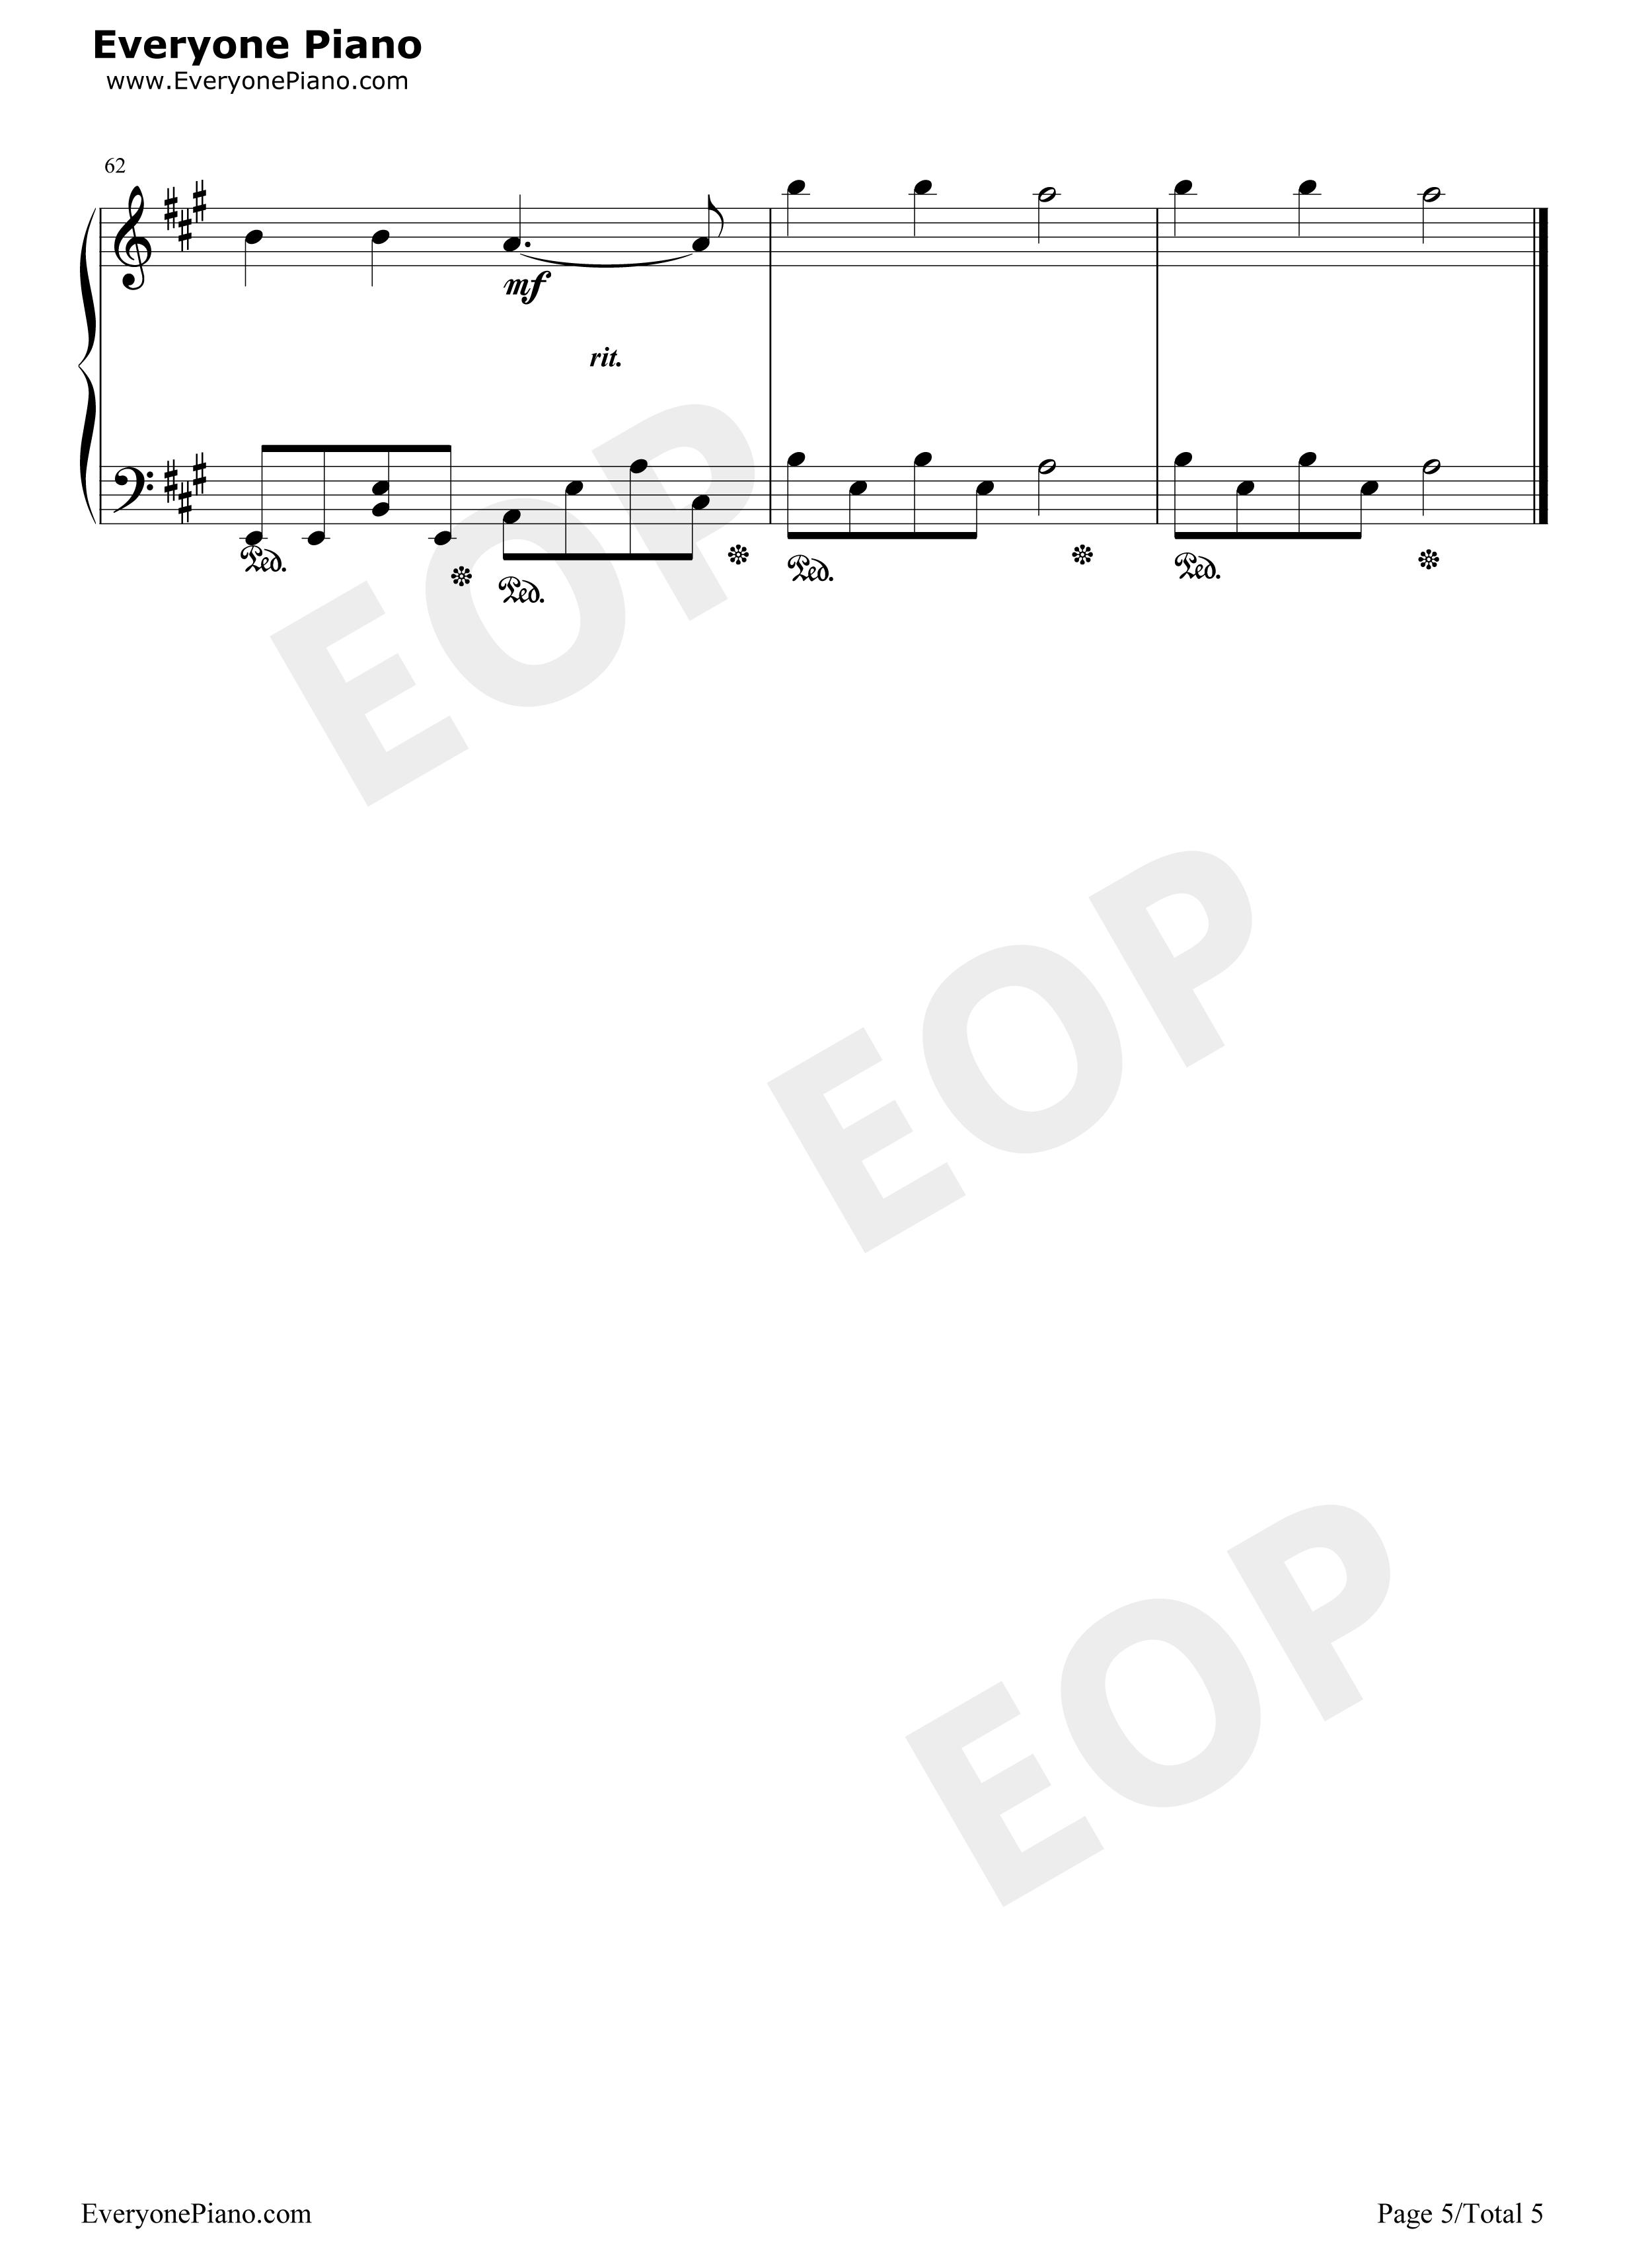 钢琴曲谱 流行 为你写诗-吴克群-eop教学曲